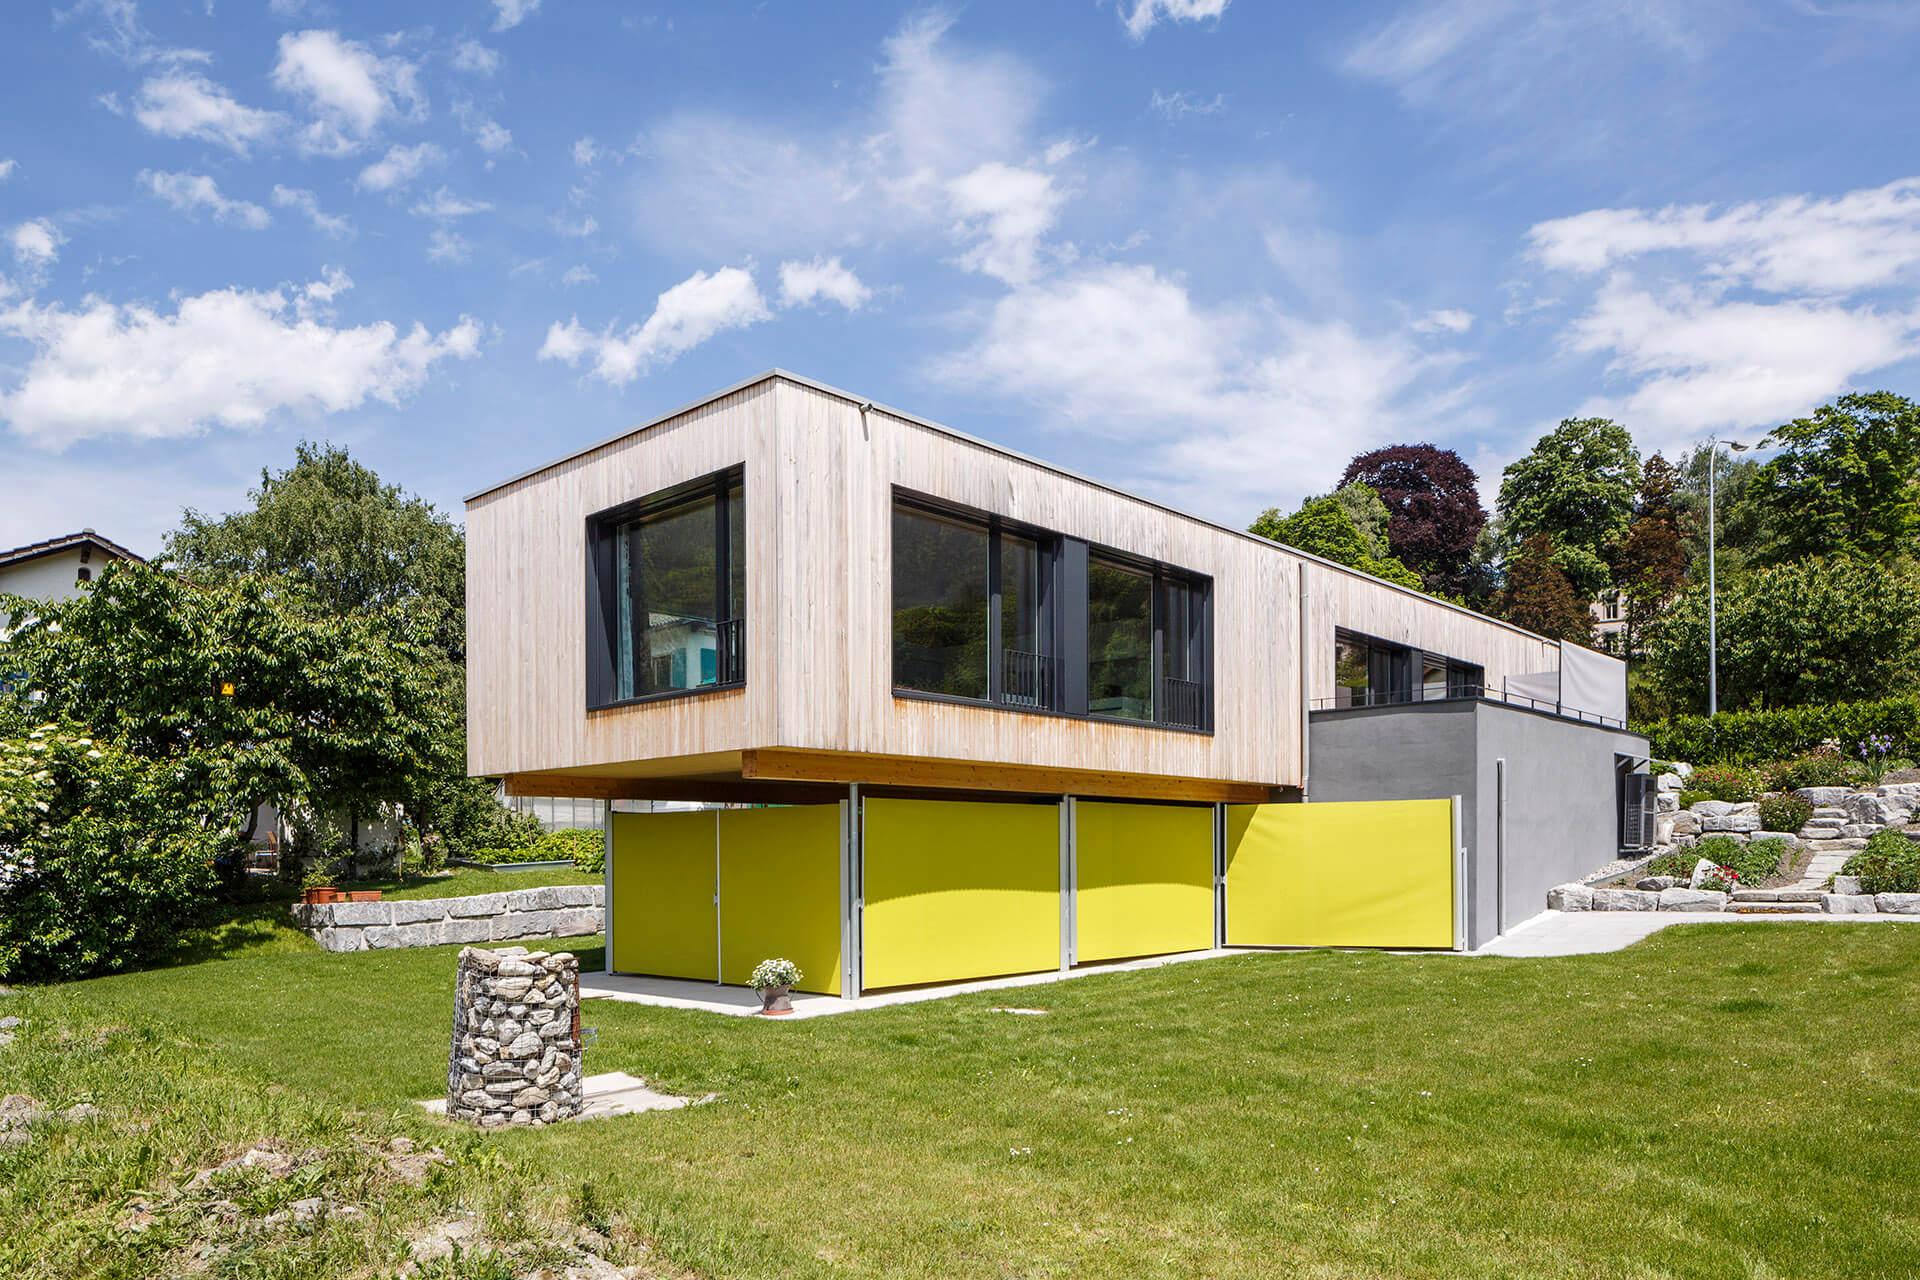 Ombra Der Clevere Windschutz Und Sichtschutz Fur Ihr Zuhause